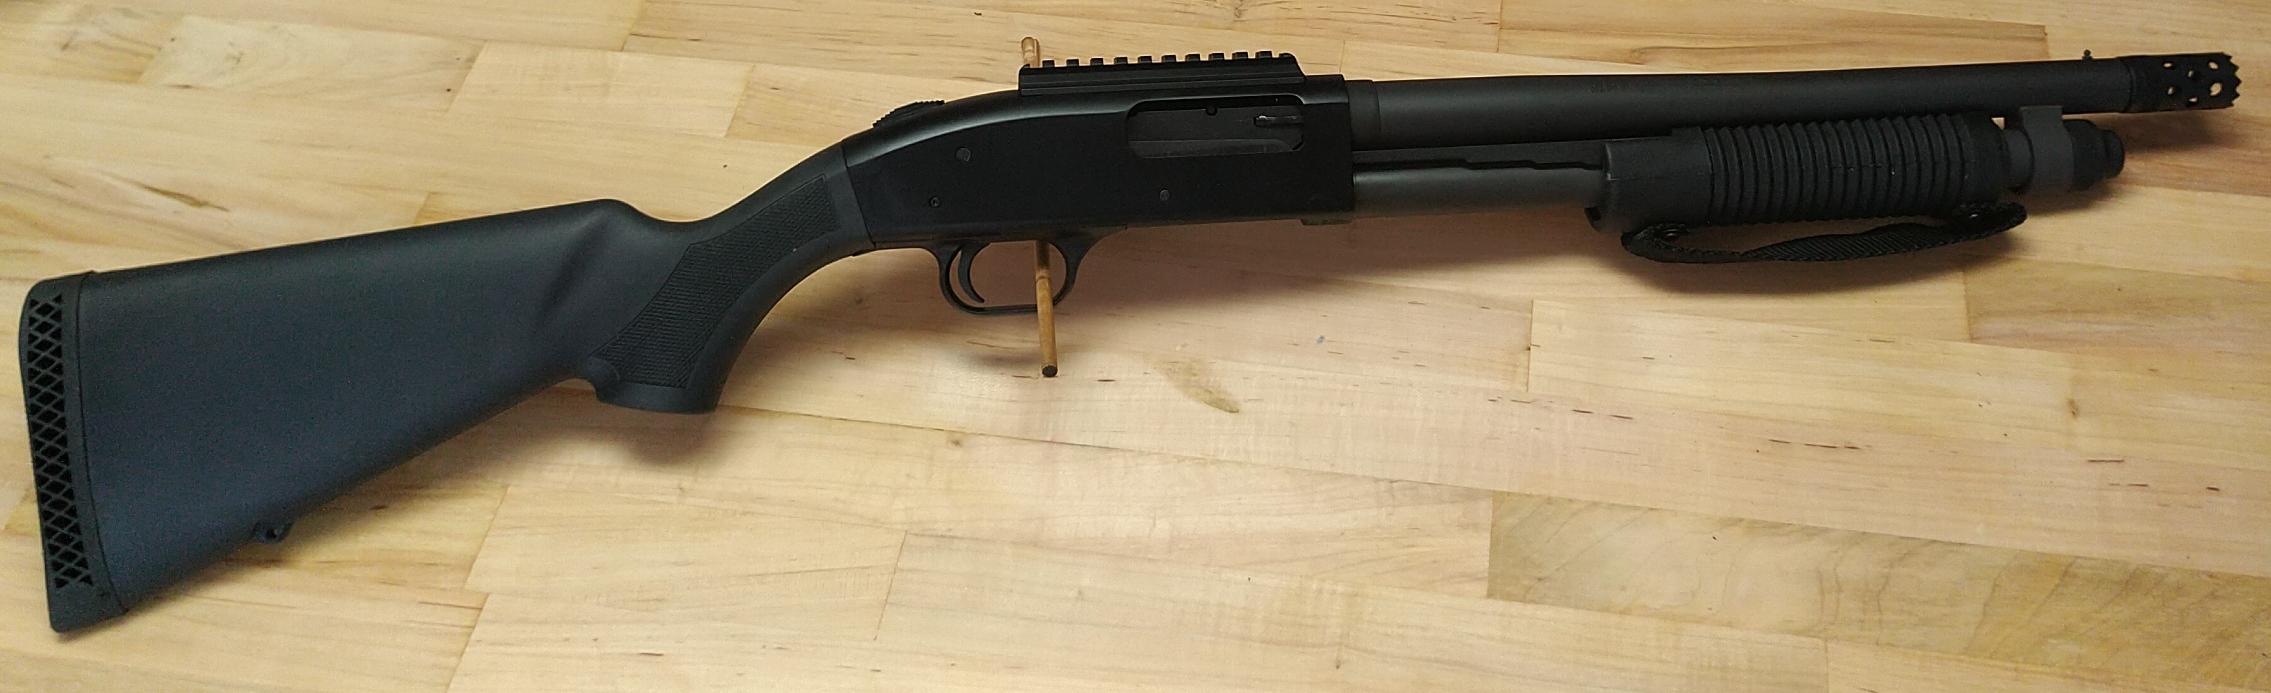 Montrez-nous vos setup de Shotgun ! - Page 3 IMG-20200429-155333